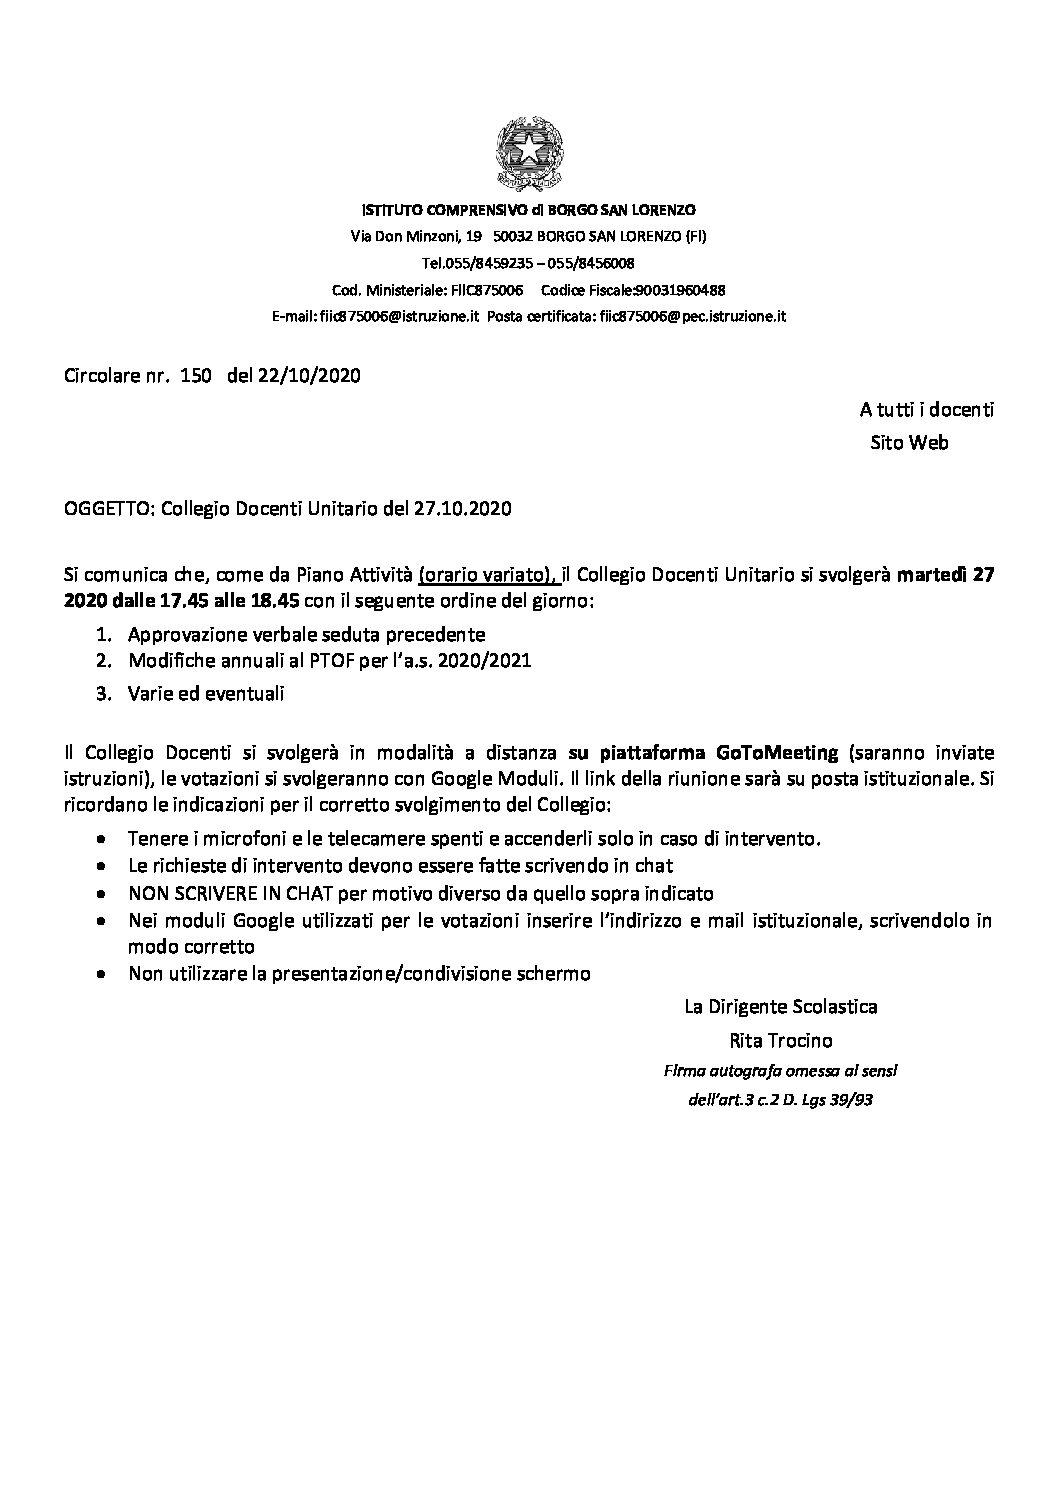 CIRC. 150 – COLLEGIO DOCENTI UNITARIO 27.10.2020